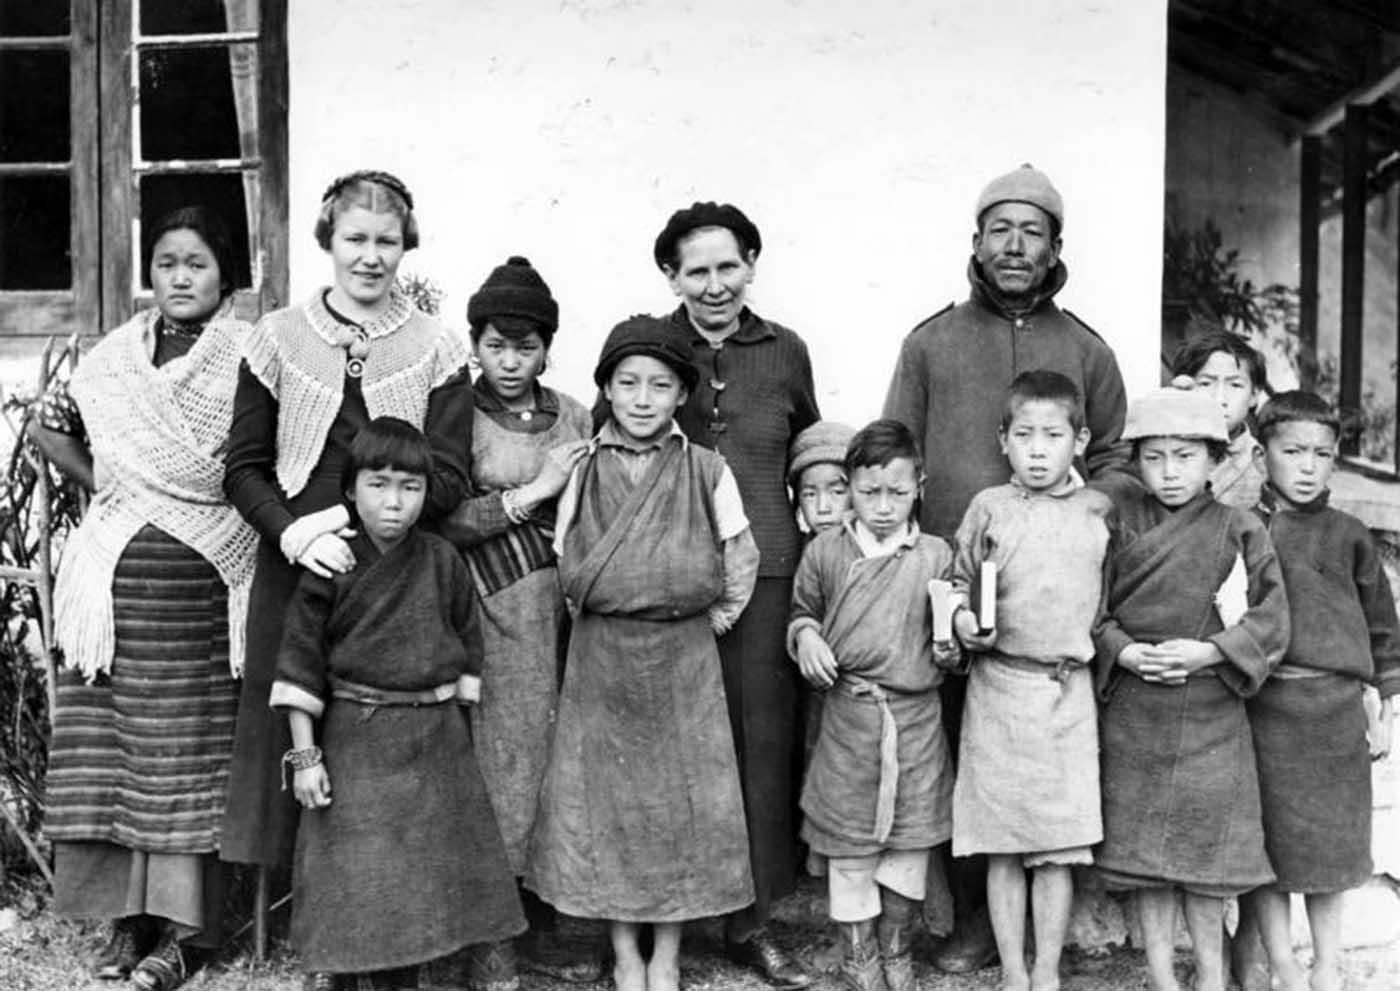 Escuela de la misión en Lachen, una misionera finlandesa con su asistente y un pastor nativo.